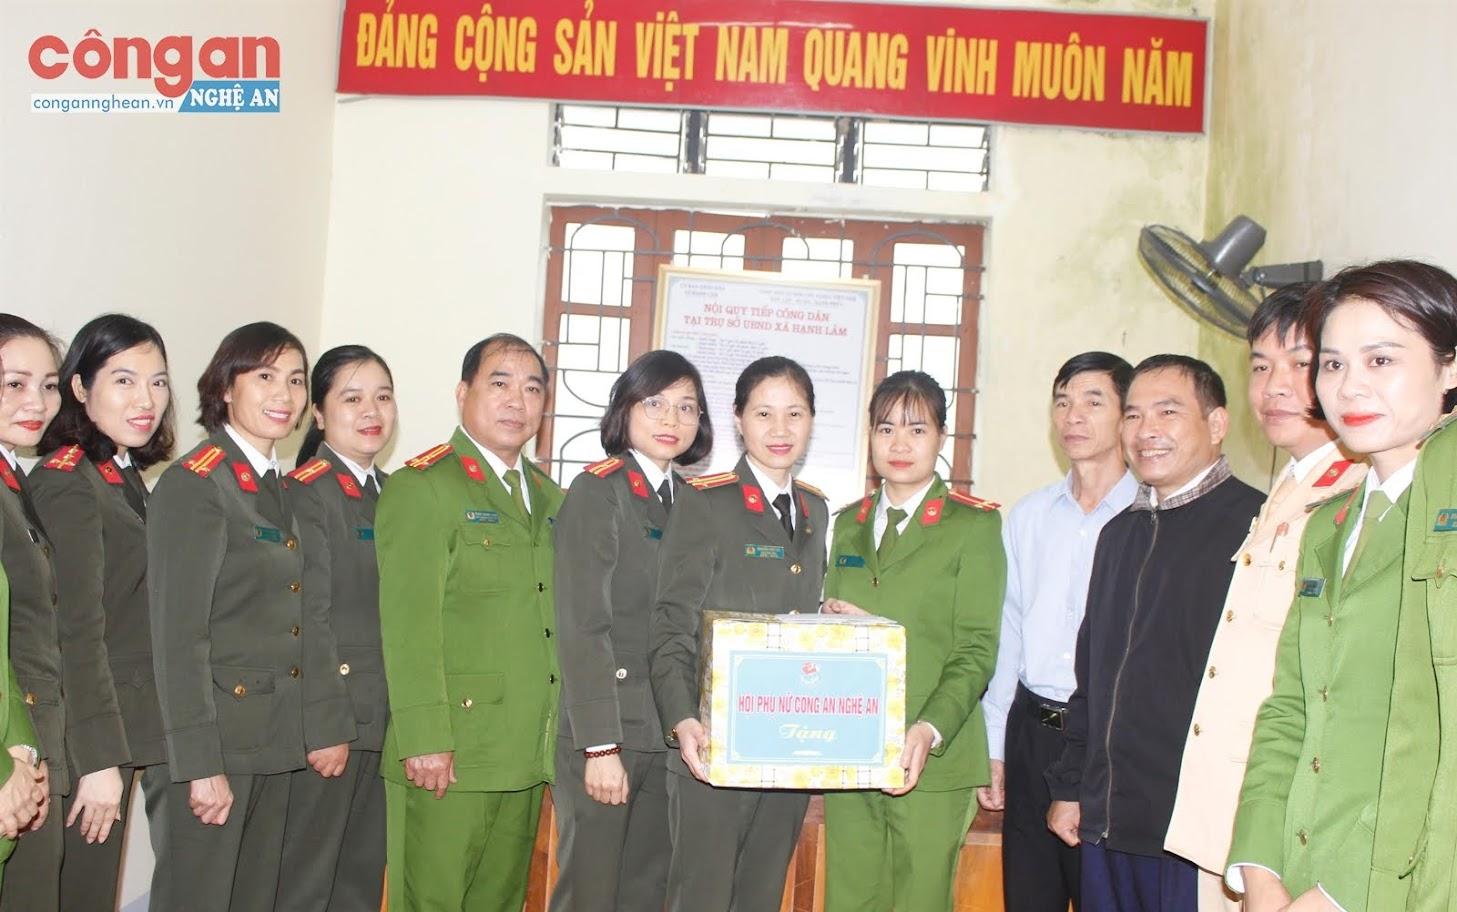 Hội Phụ nữ Công an tỉnh tặng quà cho Trung uý Lê Na, Công an viên  xã Hạnh Lâm, huyện Thanh Chương